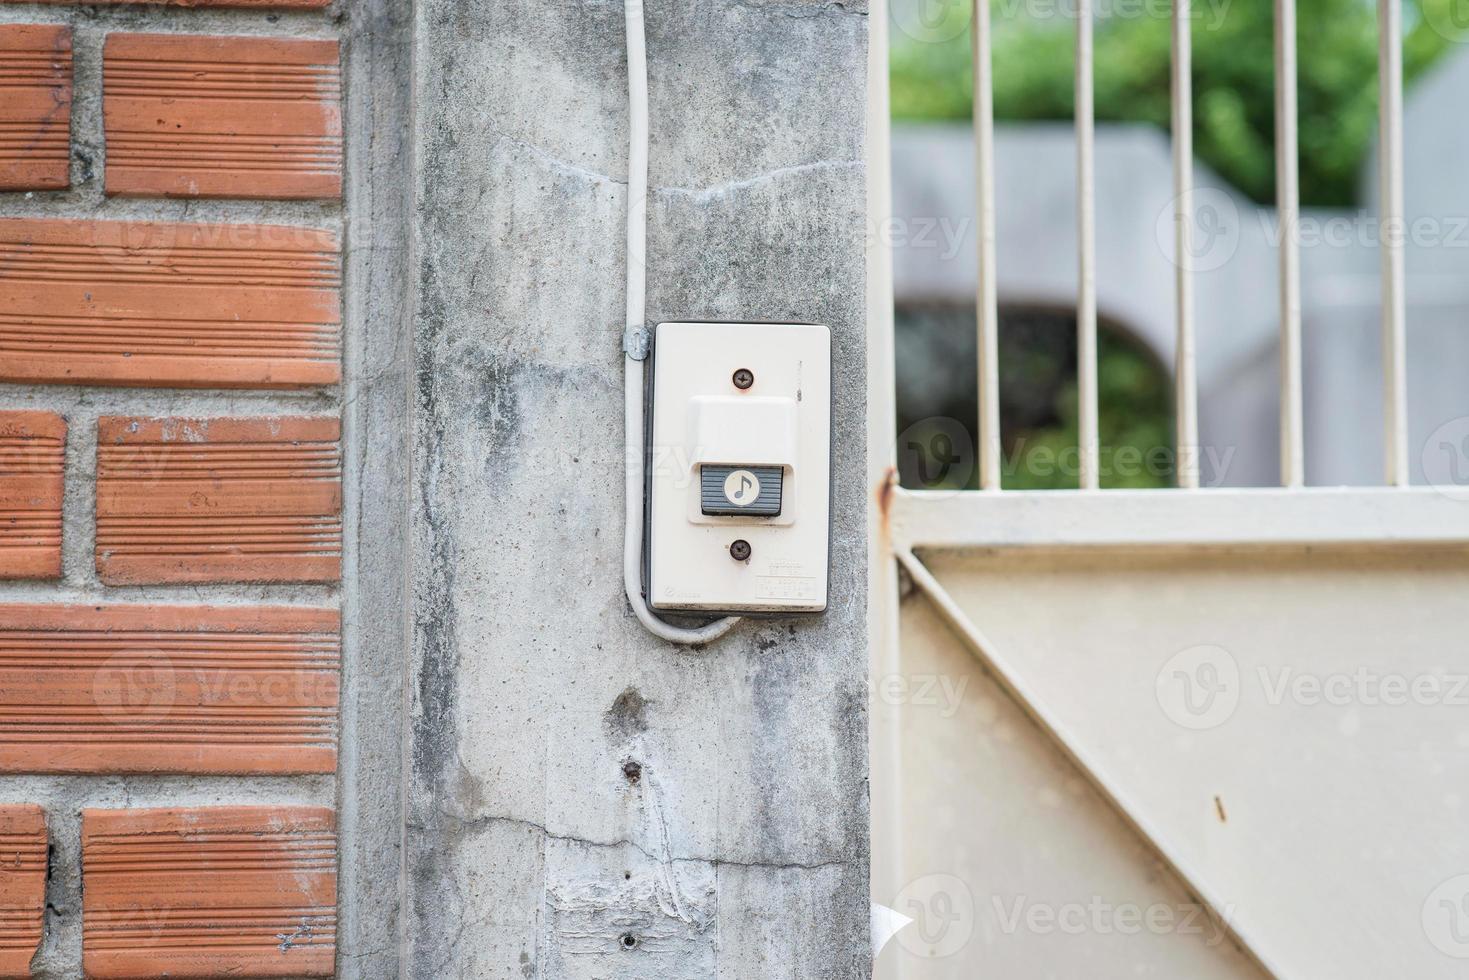 parete laterale del campanello foto